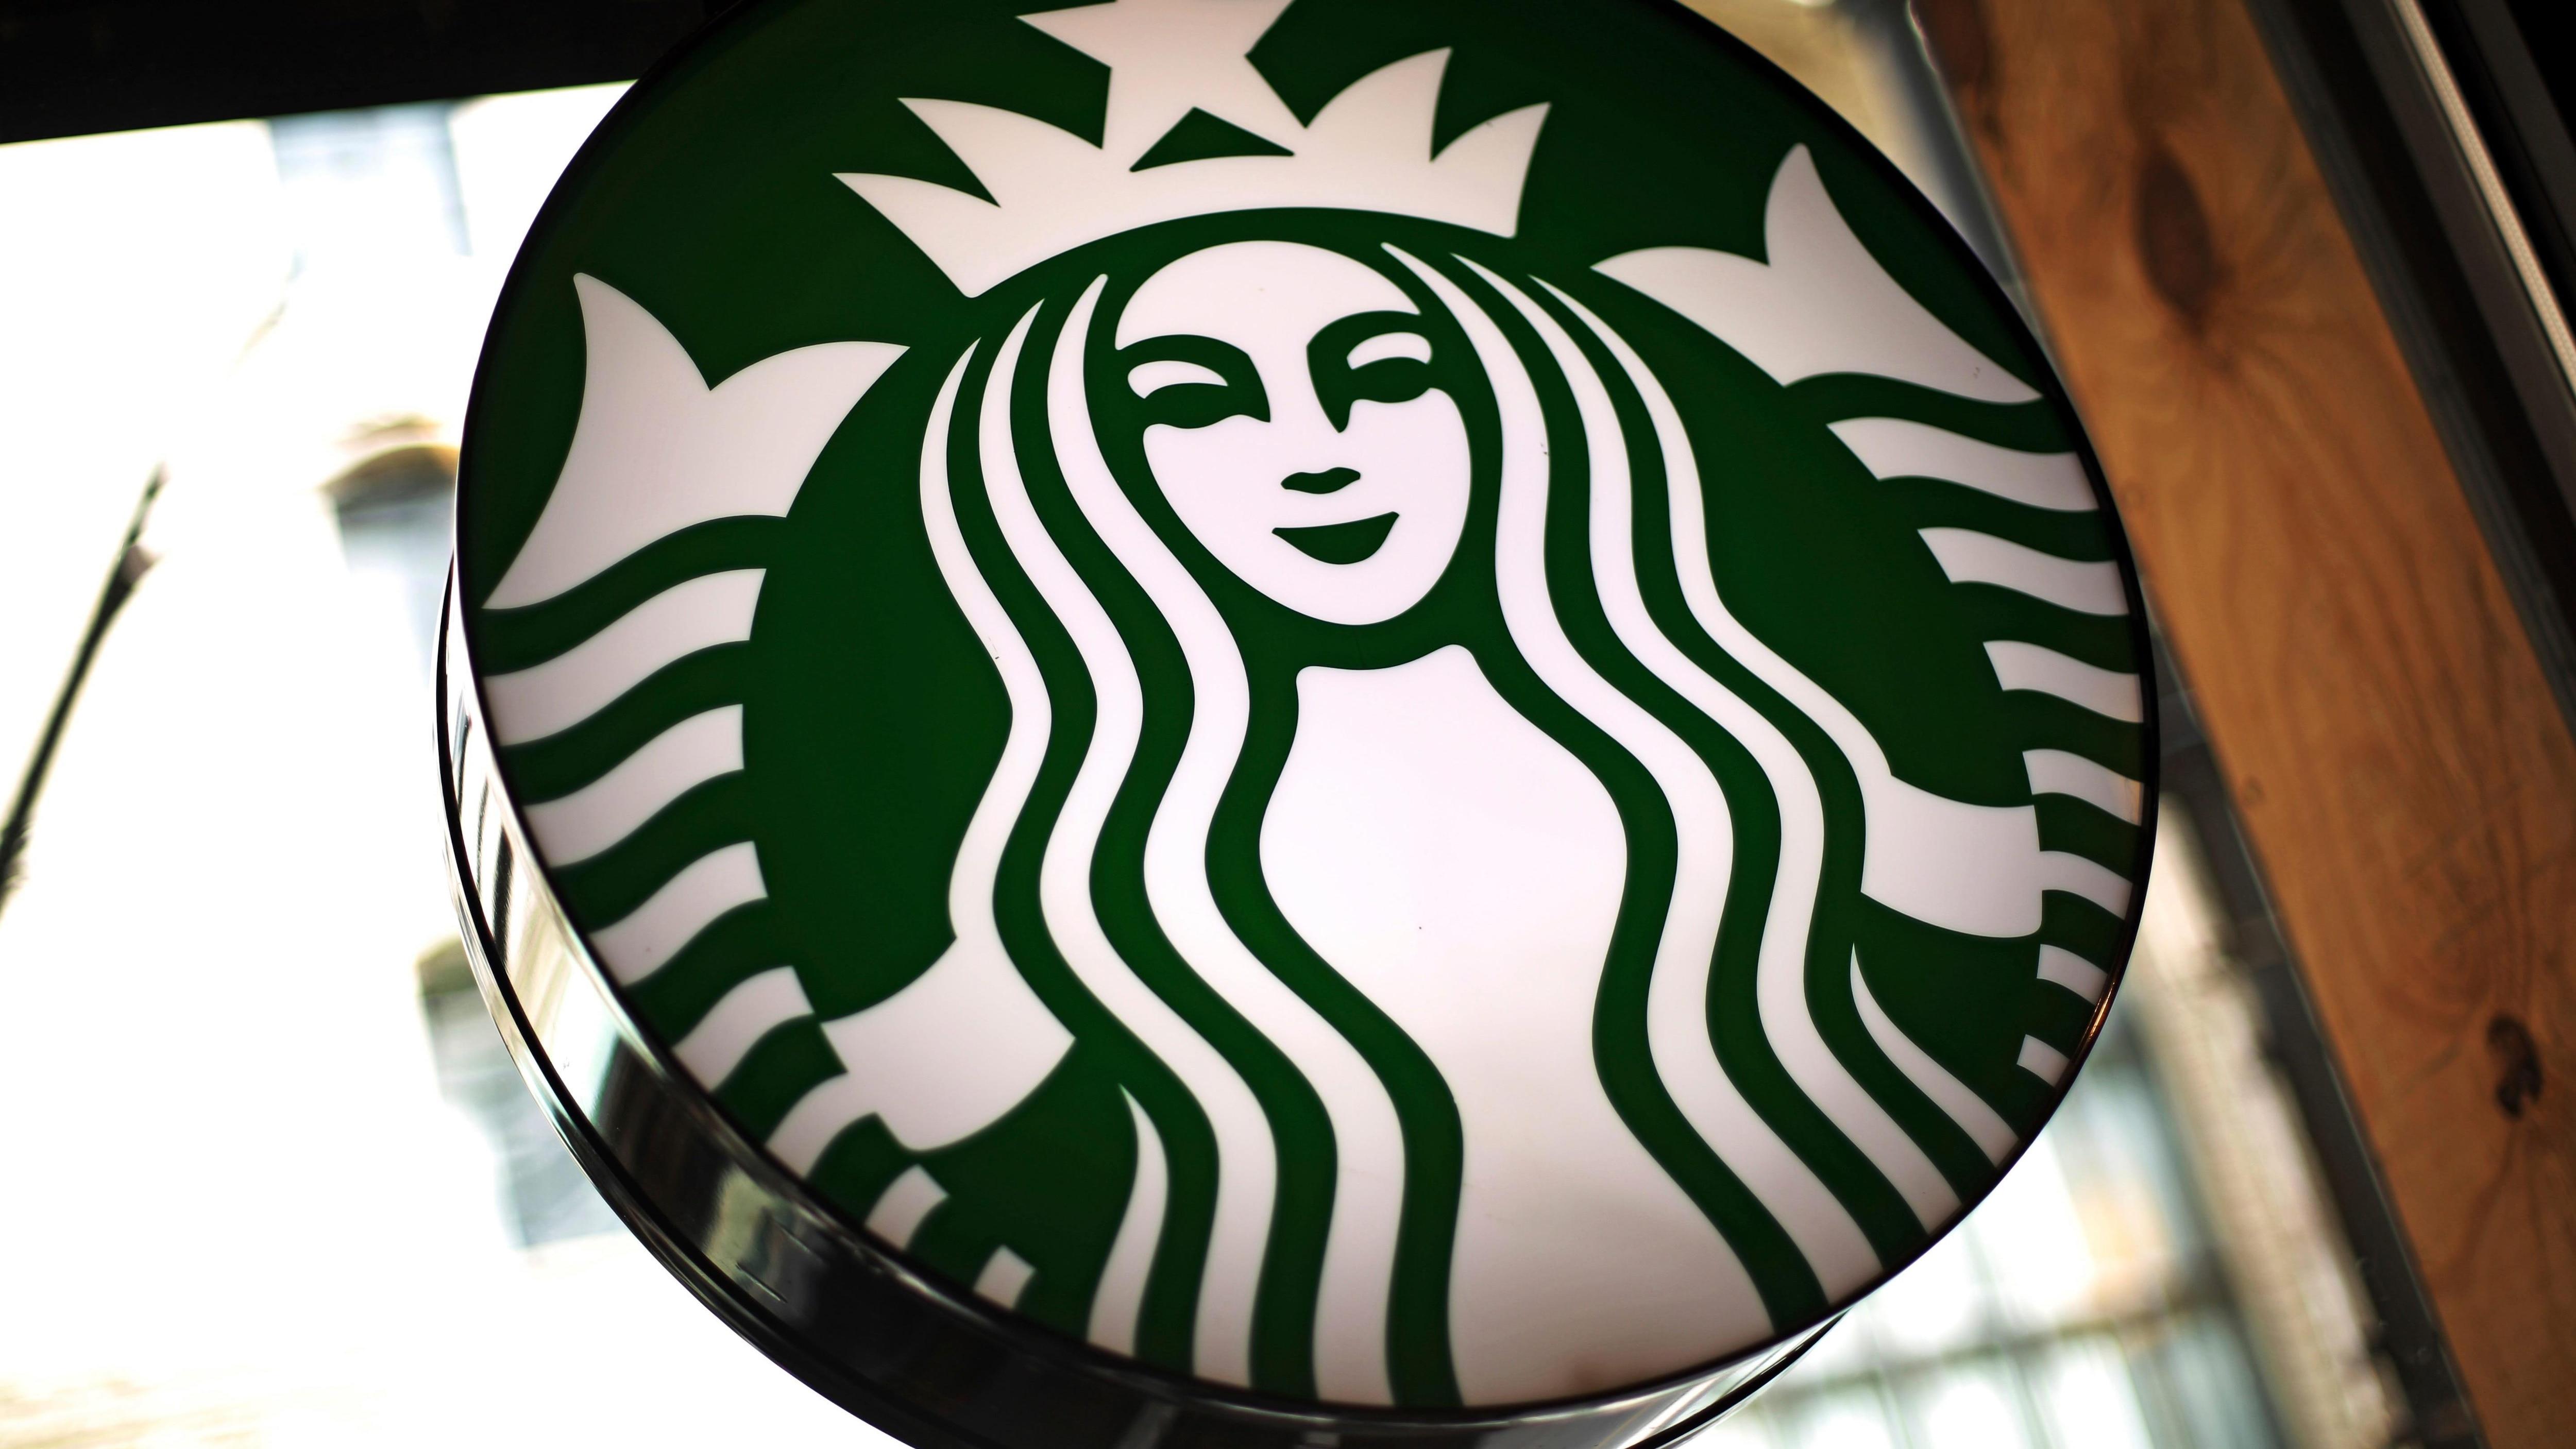 Deux Noirs arrêtés sans raison chez Starbucks : le chef de la police de Philadelphie s'excuse